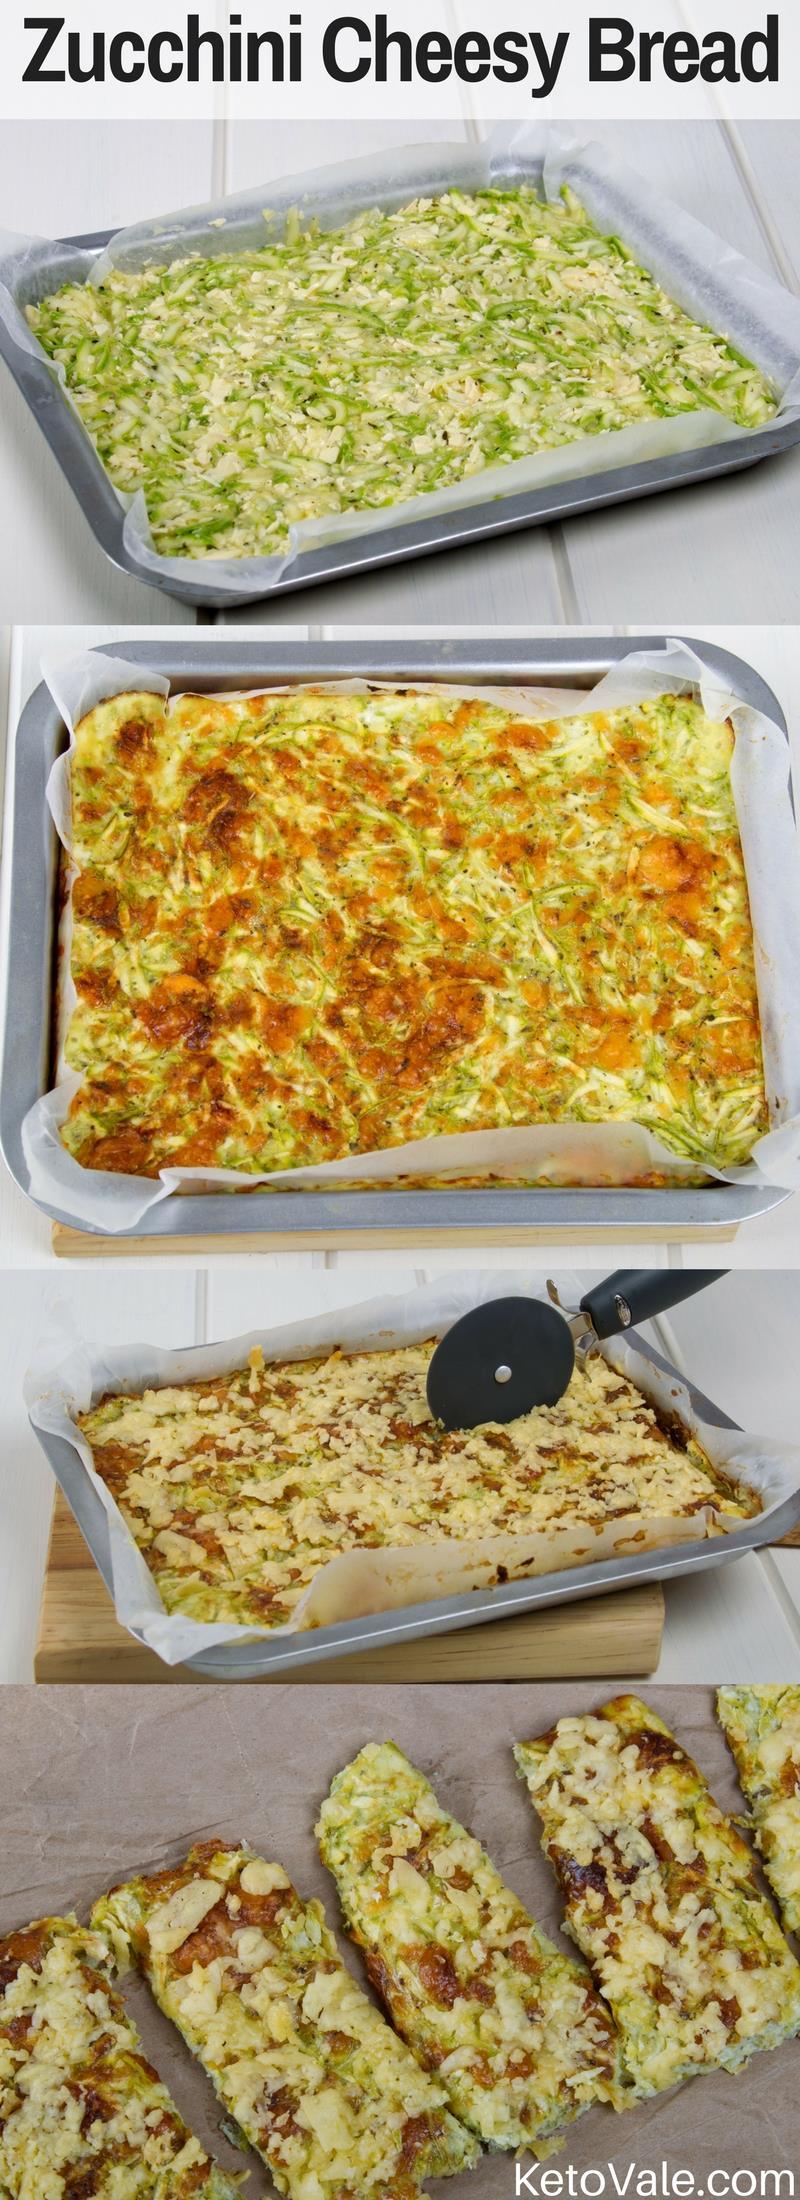 Zucchini Cheesy Bread